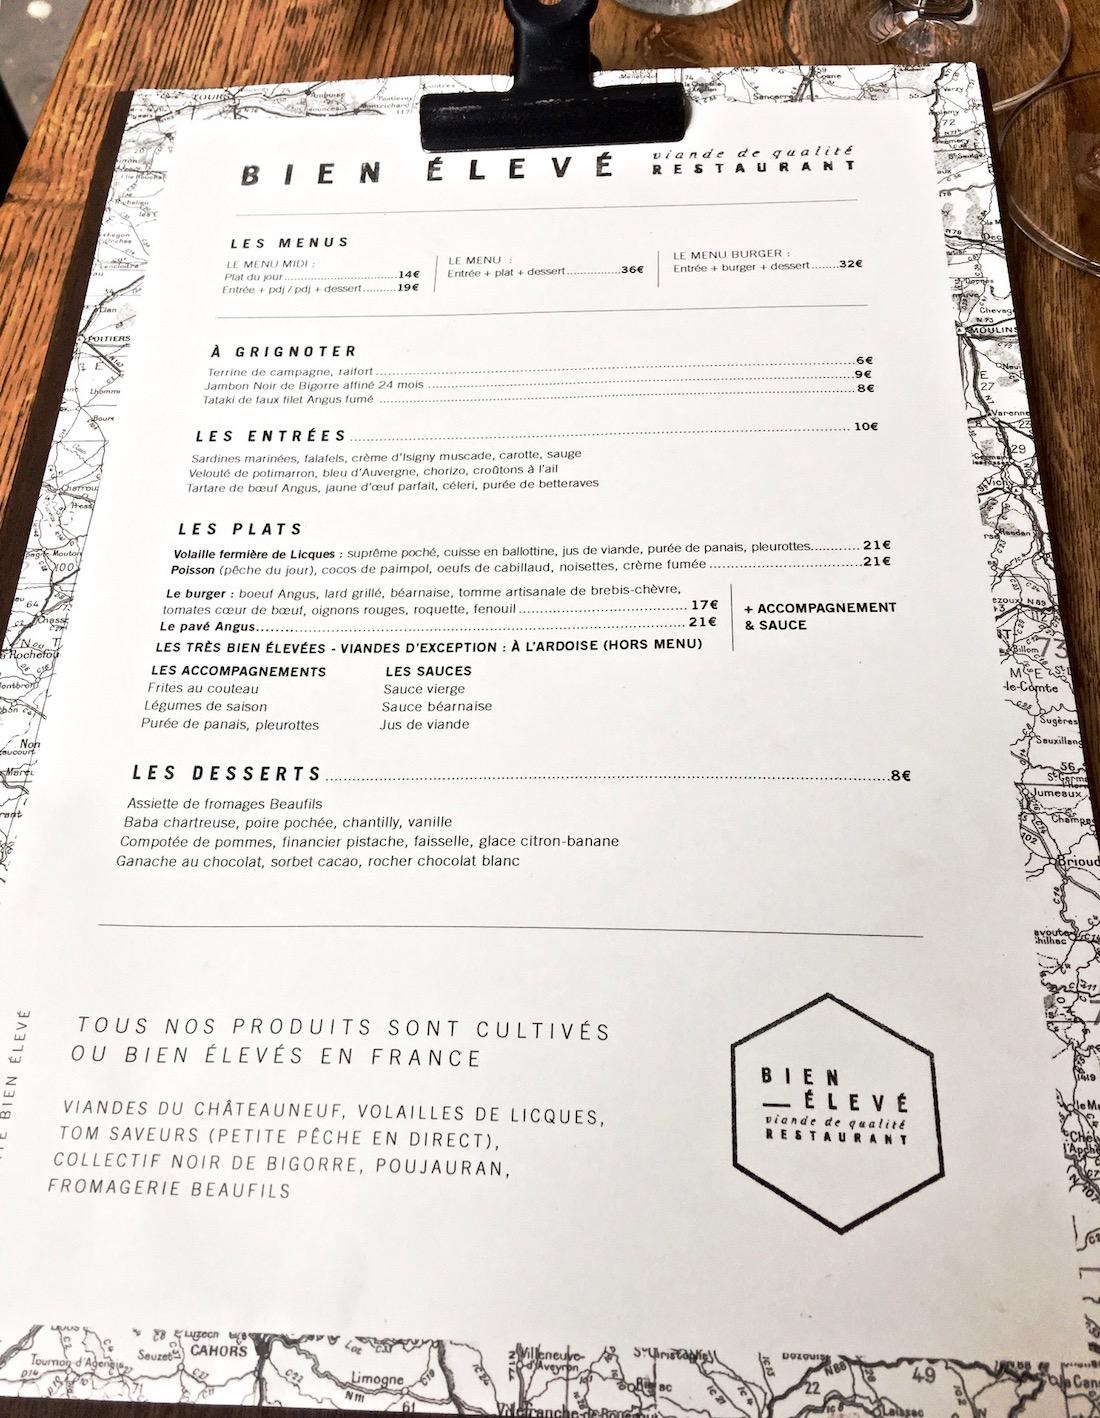 bien-eleve-restaurant-viande-paris-9eme